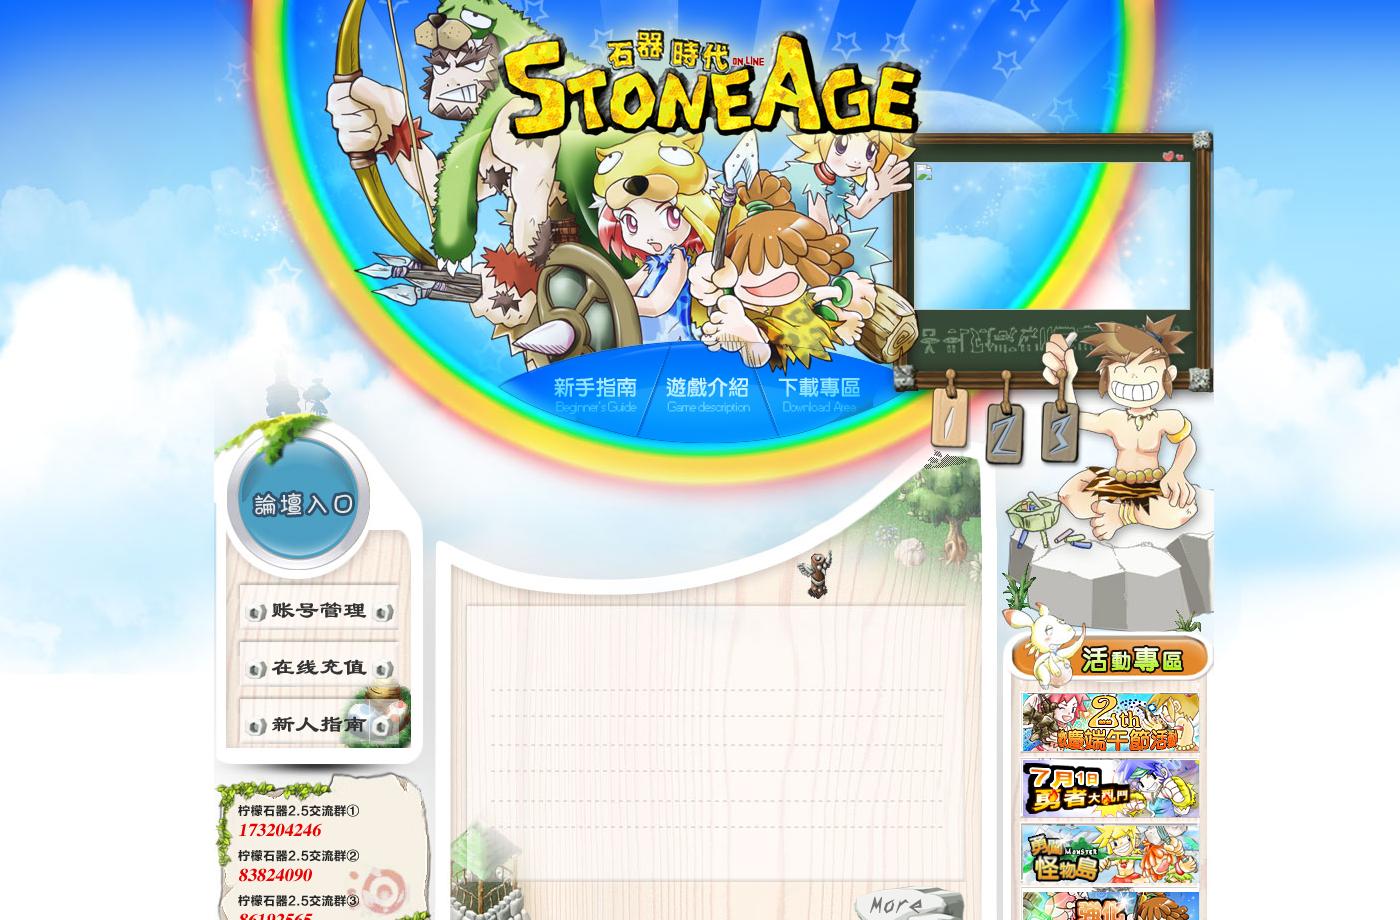 分享几套精美的石器网页-手游资源站